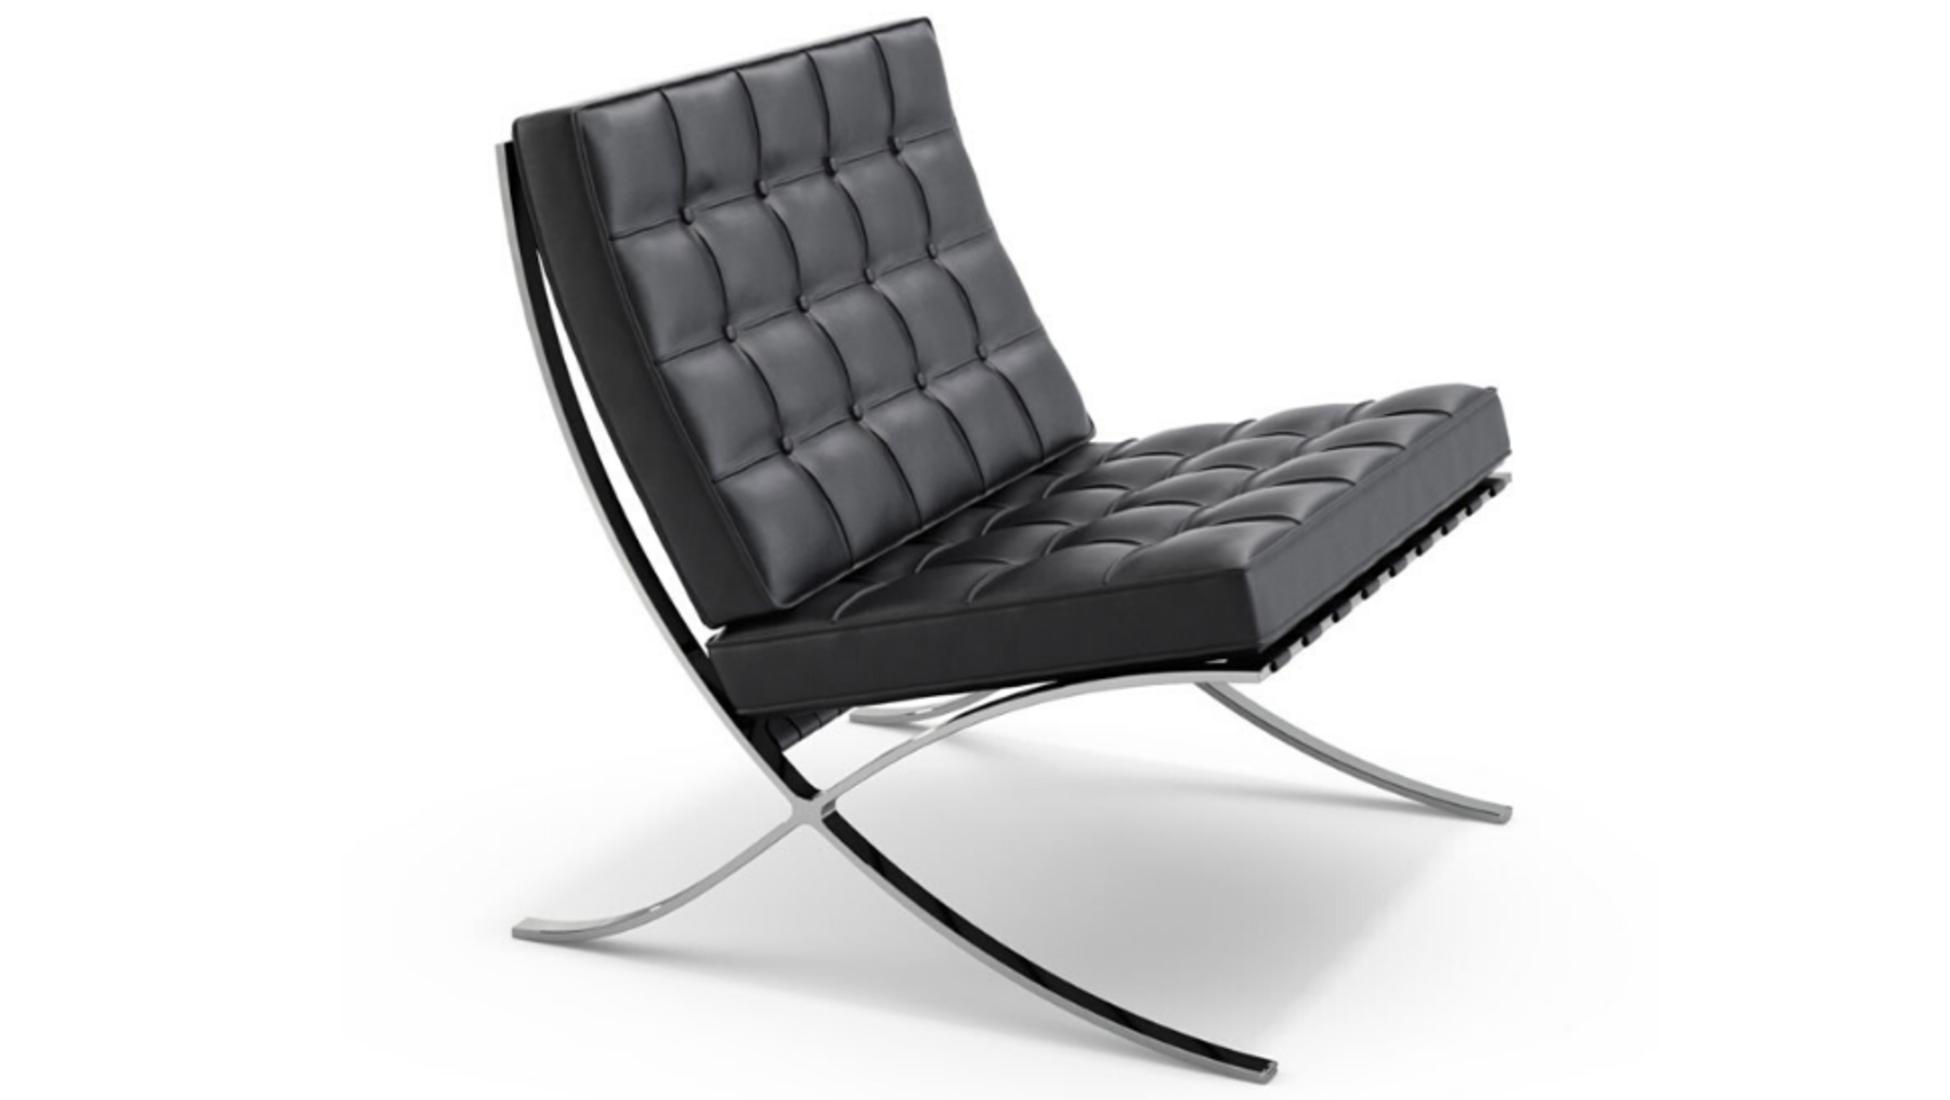 Pezzi Di Design Da Avere la storia degli iconici mobili di design del xx secolo